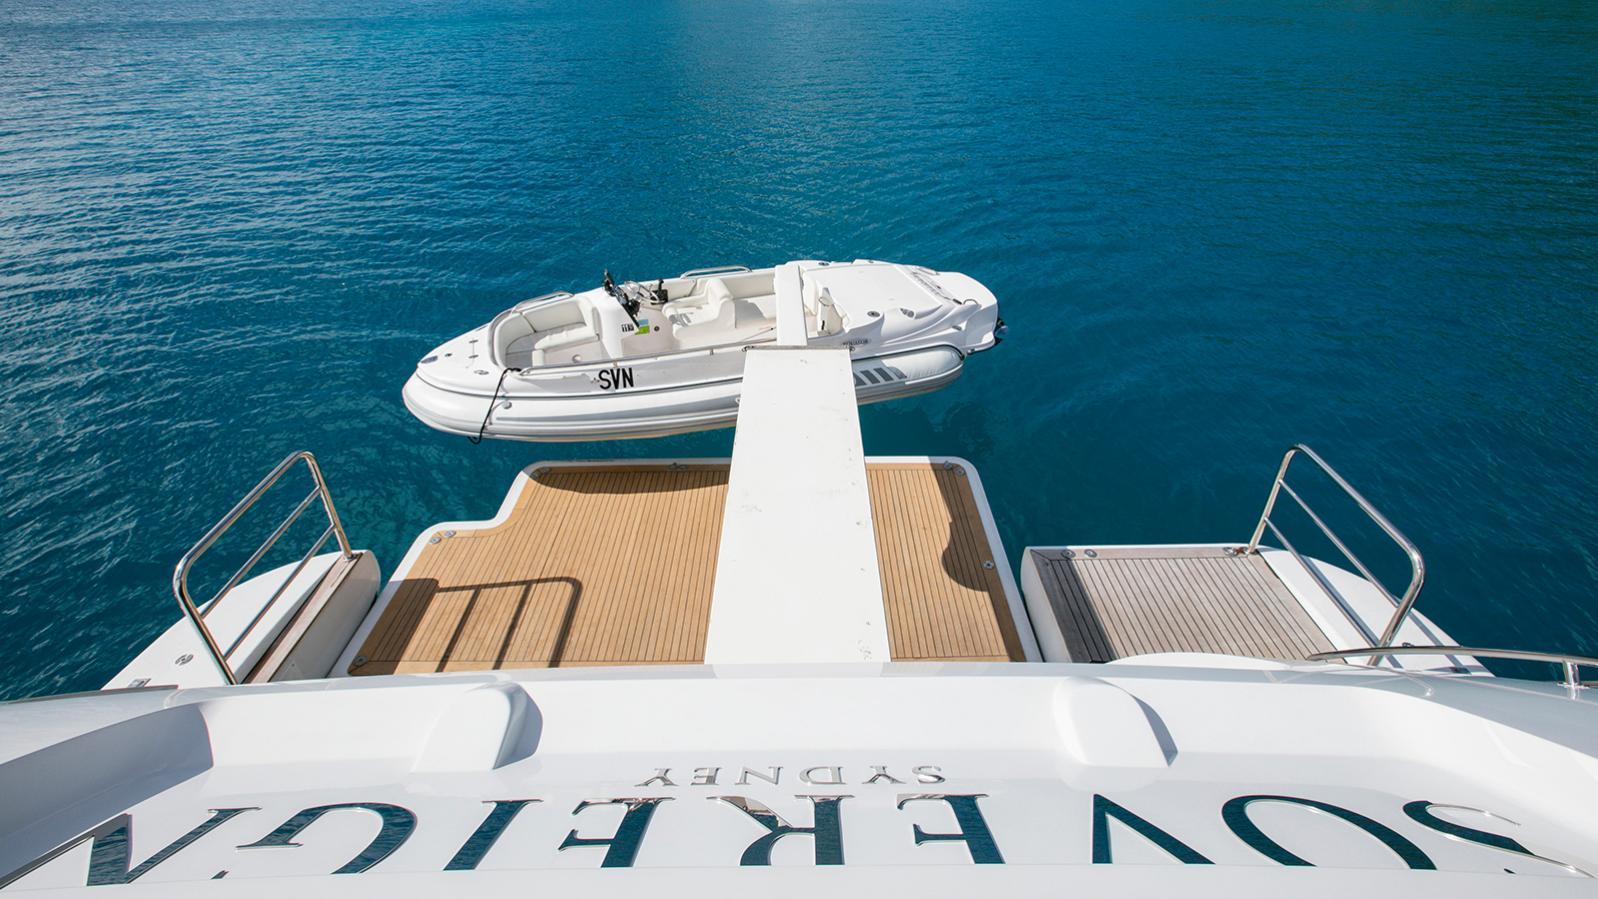 sovereign-motor-yacht-benetti-2002-44m-stern-tender